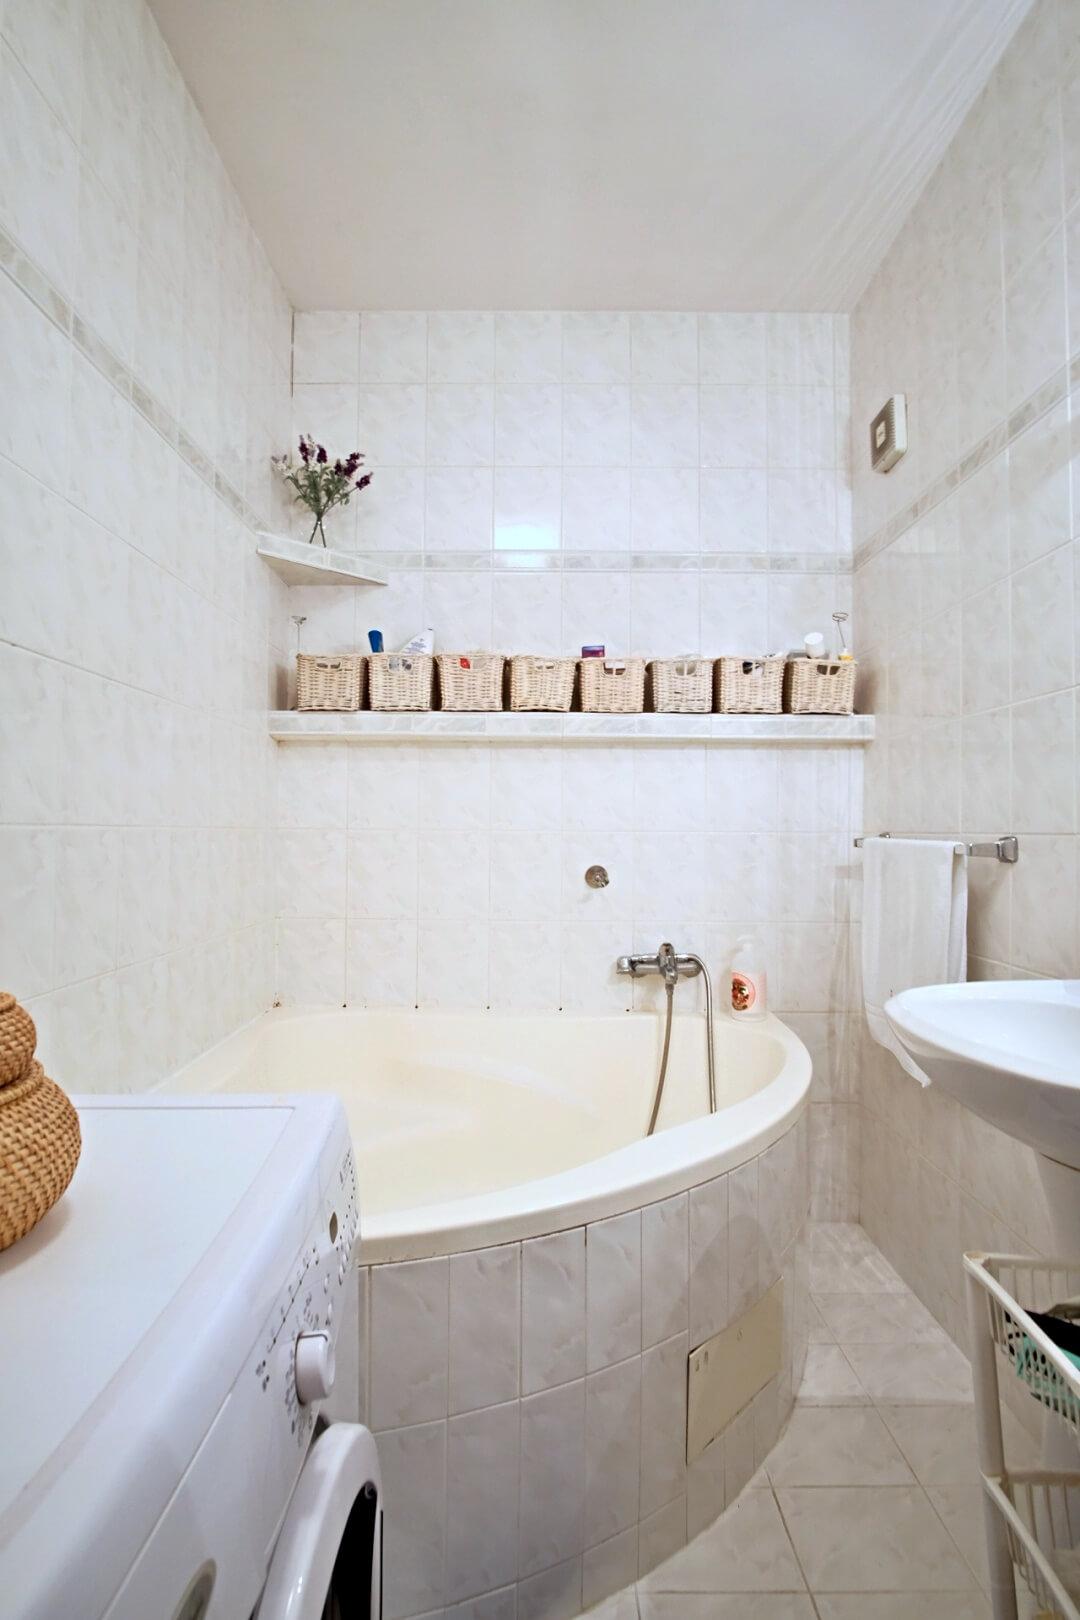 Predané: Na predaj príjemný 3 izbový byt so zmenenou dispozíciou s výhľadom do veľkého parku-8